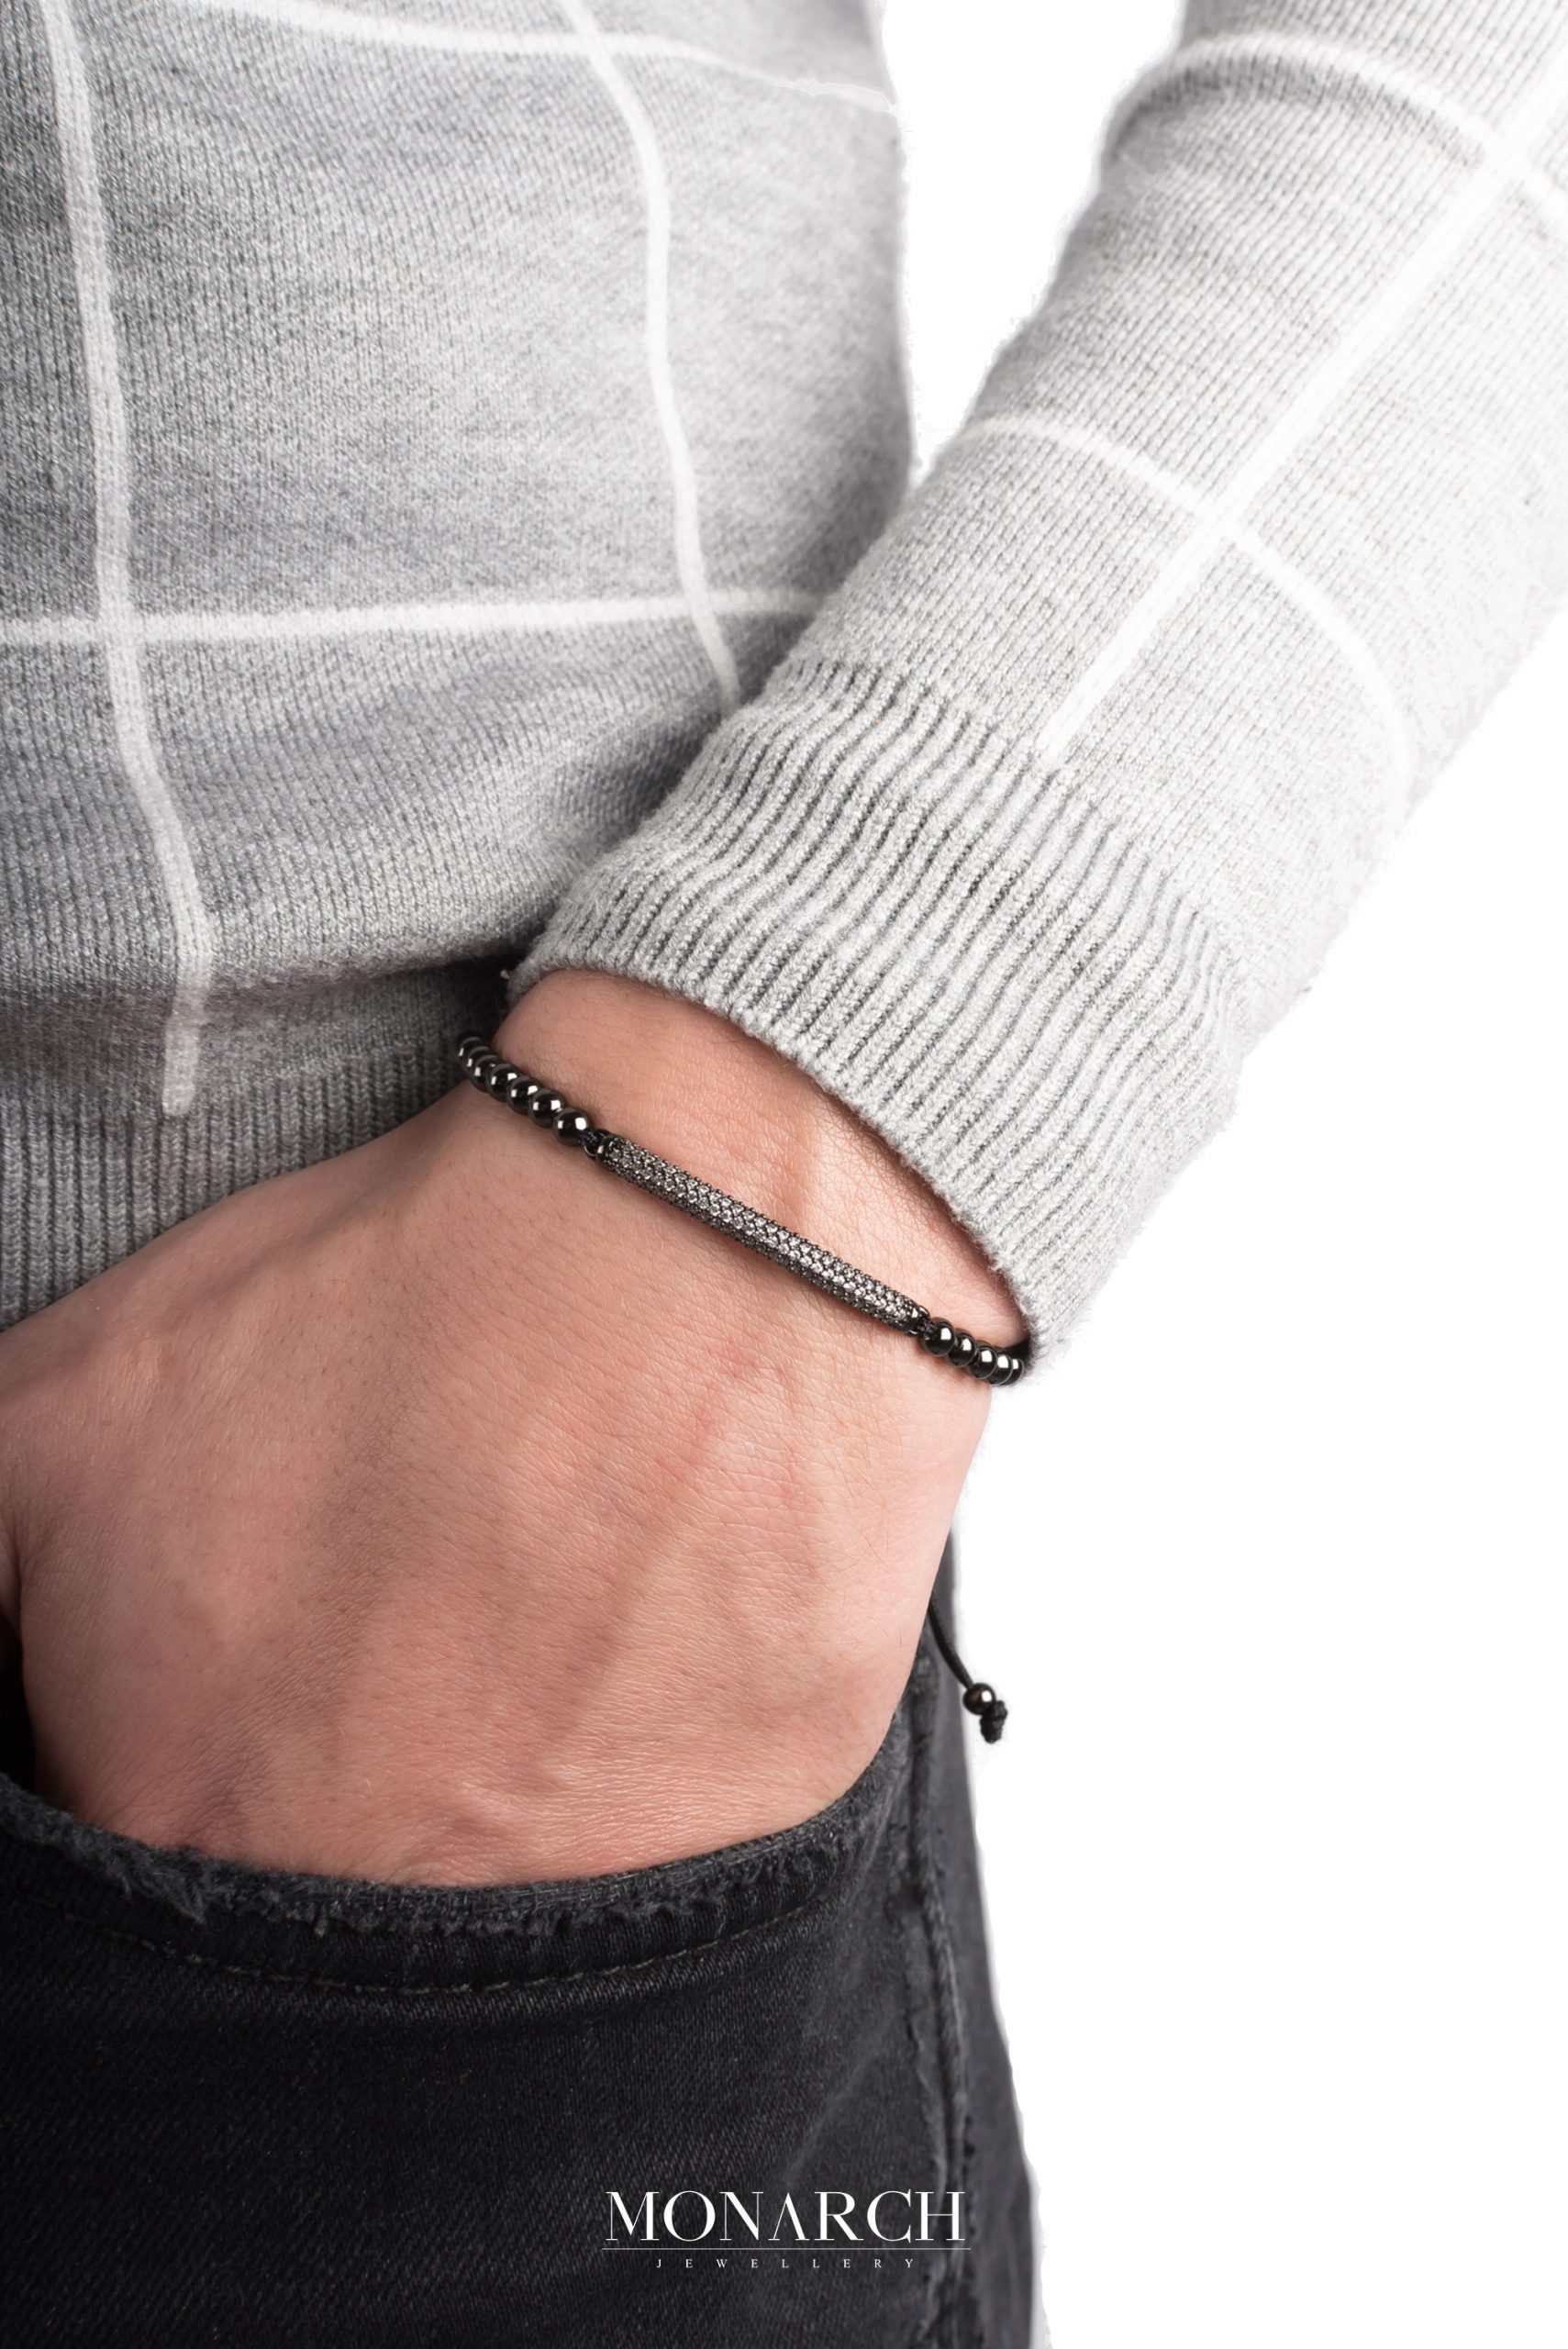 black luxury bracelet for man, monarch jewellery MA74BWMP